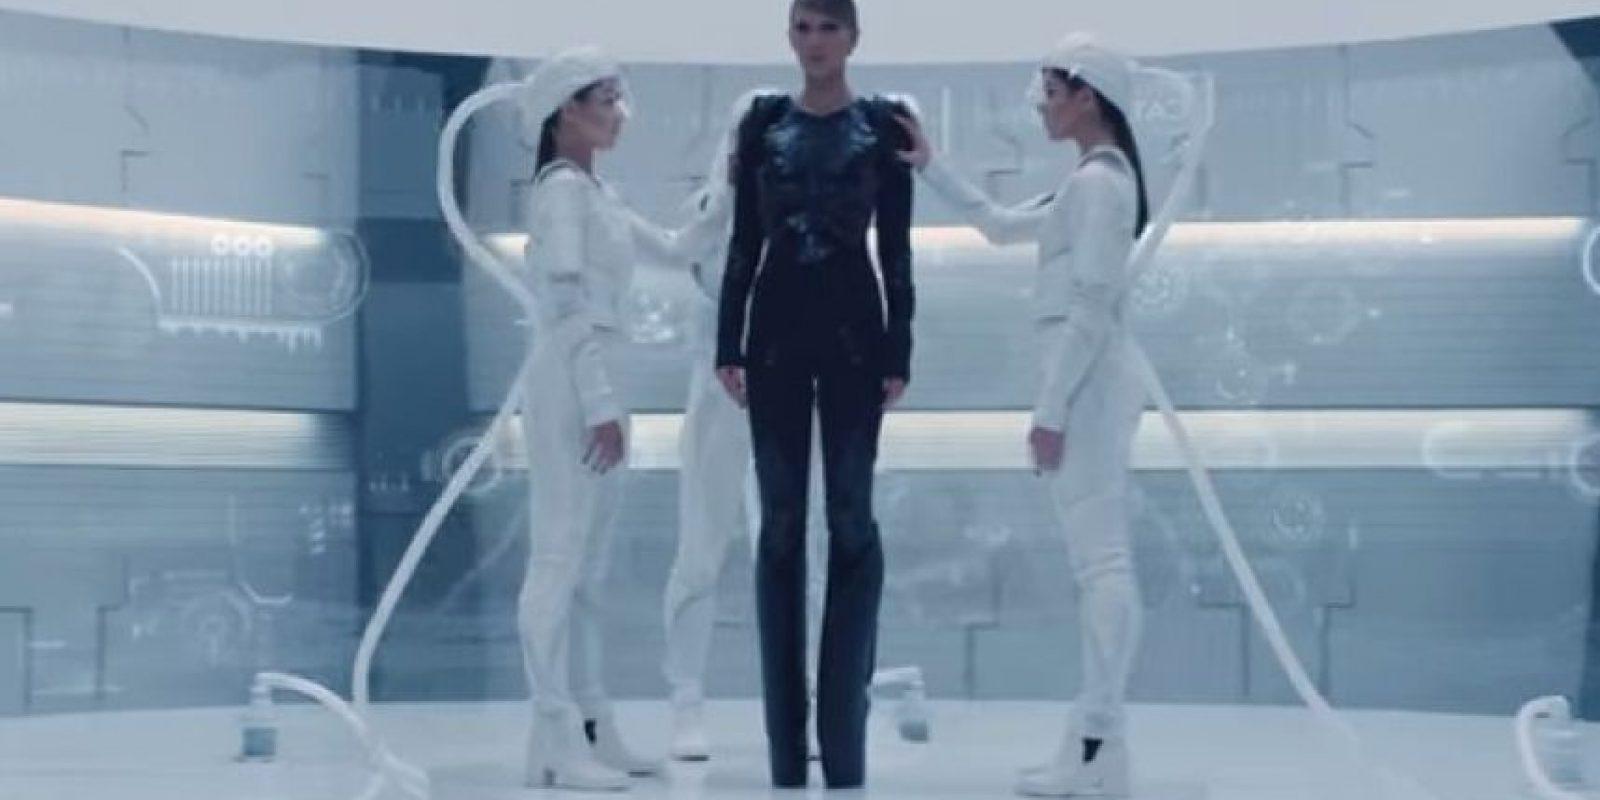 """""""No entiendo cómo es que un video donde hay armas es buen ejemplo"""", dijo Miley, refiriéndose al video """"Bad Blood"""" Foto:YouTube/TaylorSwiftVEVO"""